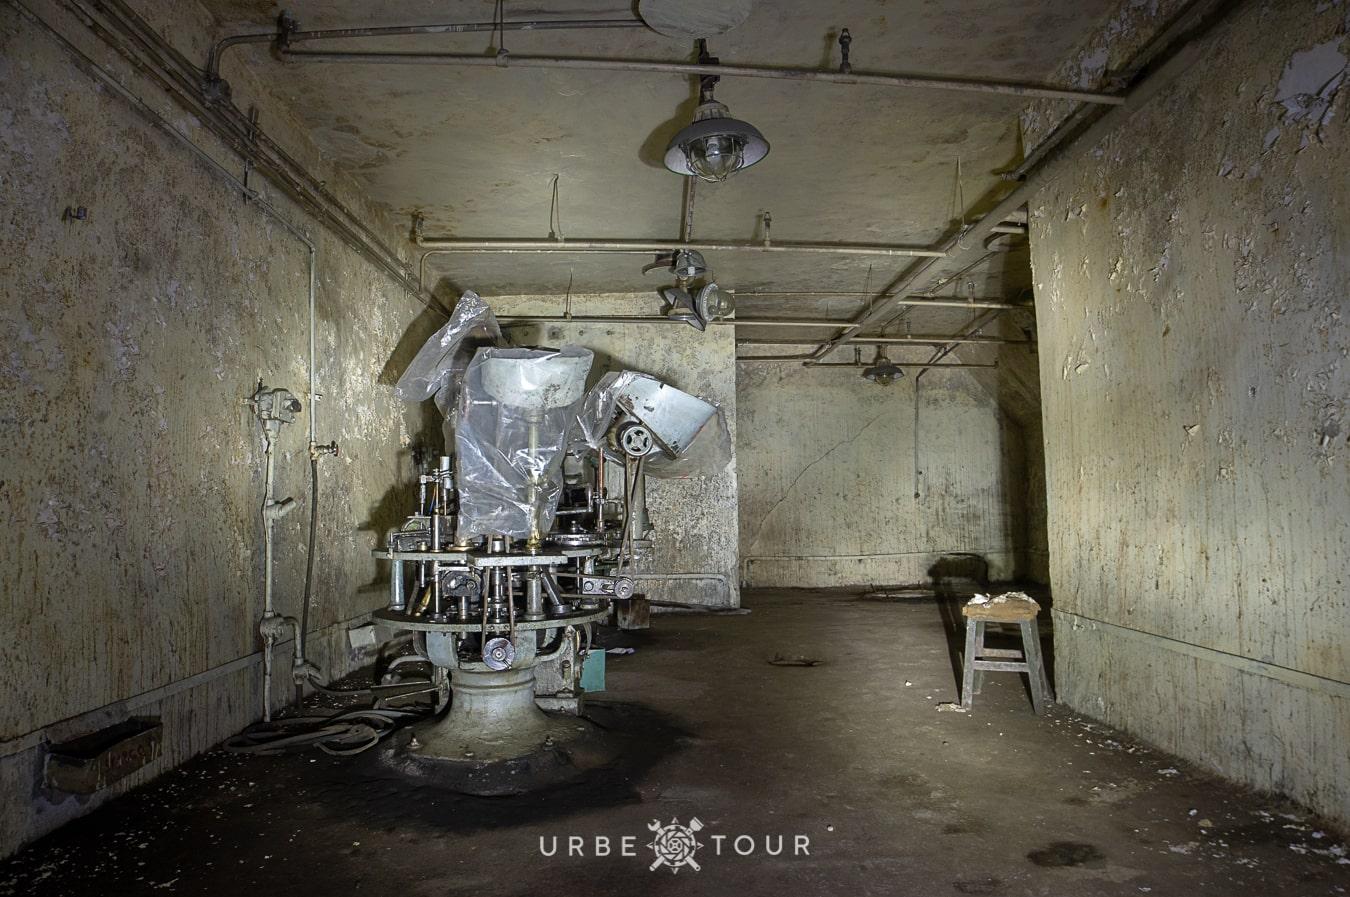 polican-communist-wearpon-underground-plant-13 Поличан: секретный военный бункер-завод коммунистов в горах Албании